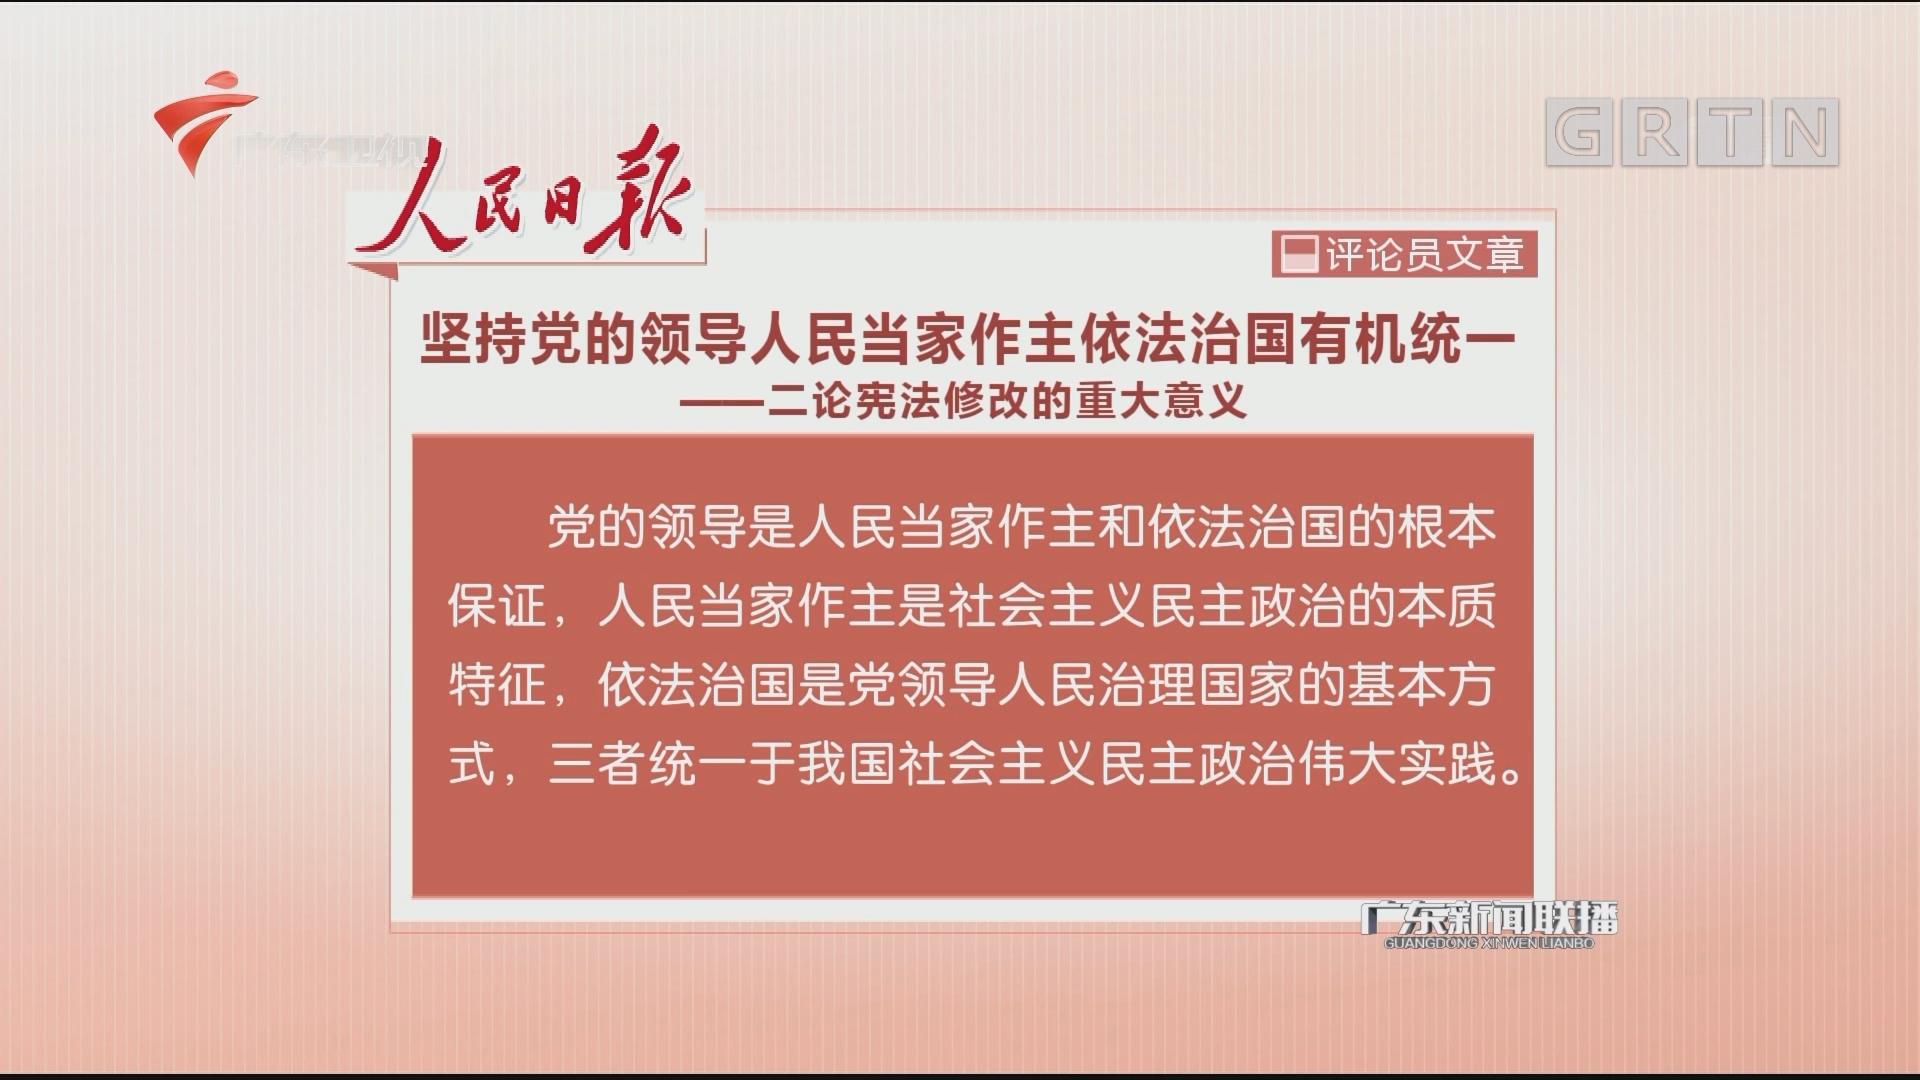 人民日报评论员文章:坚持党的领导人民当家作主依法治国有机统一——二论宪法修改的重大意义